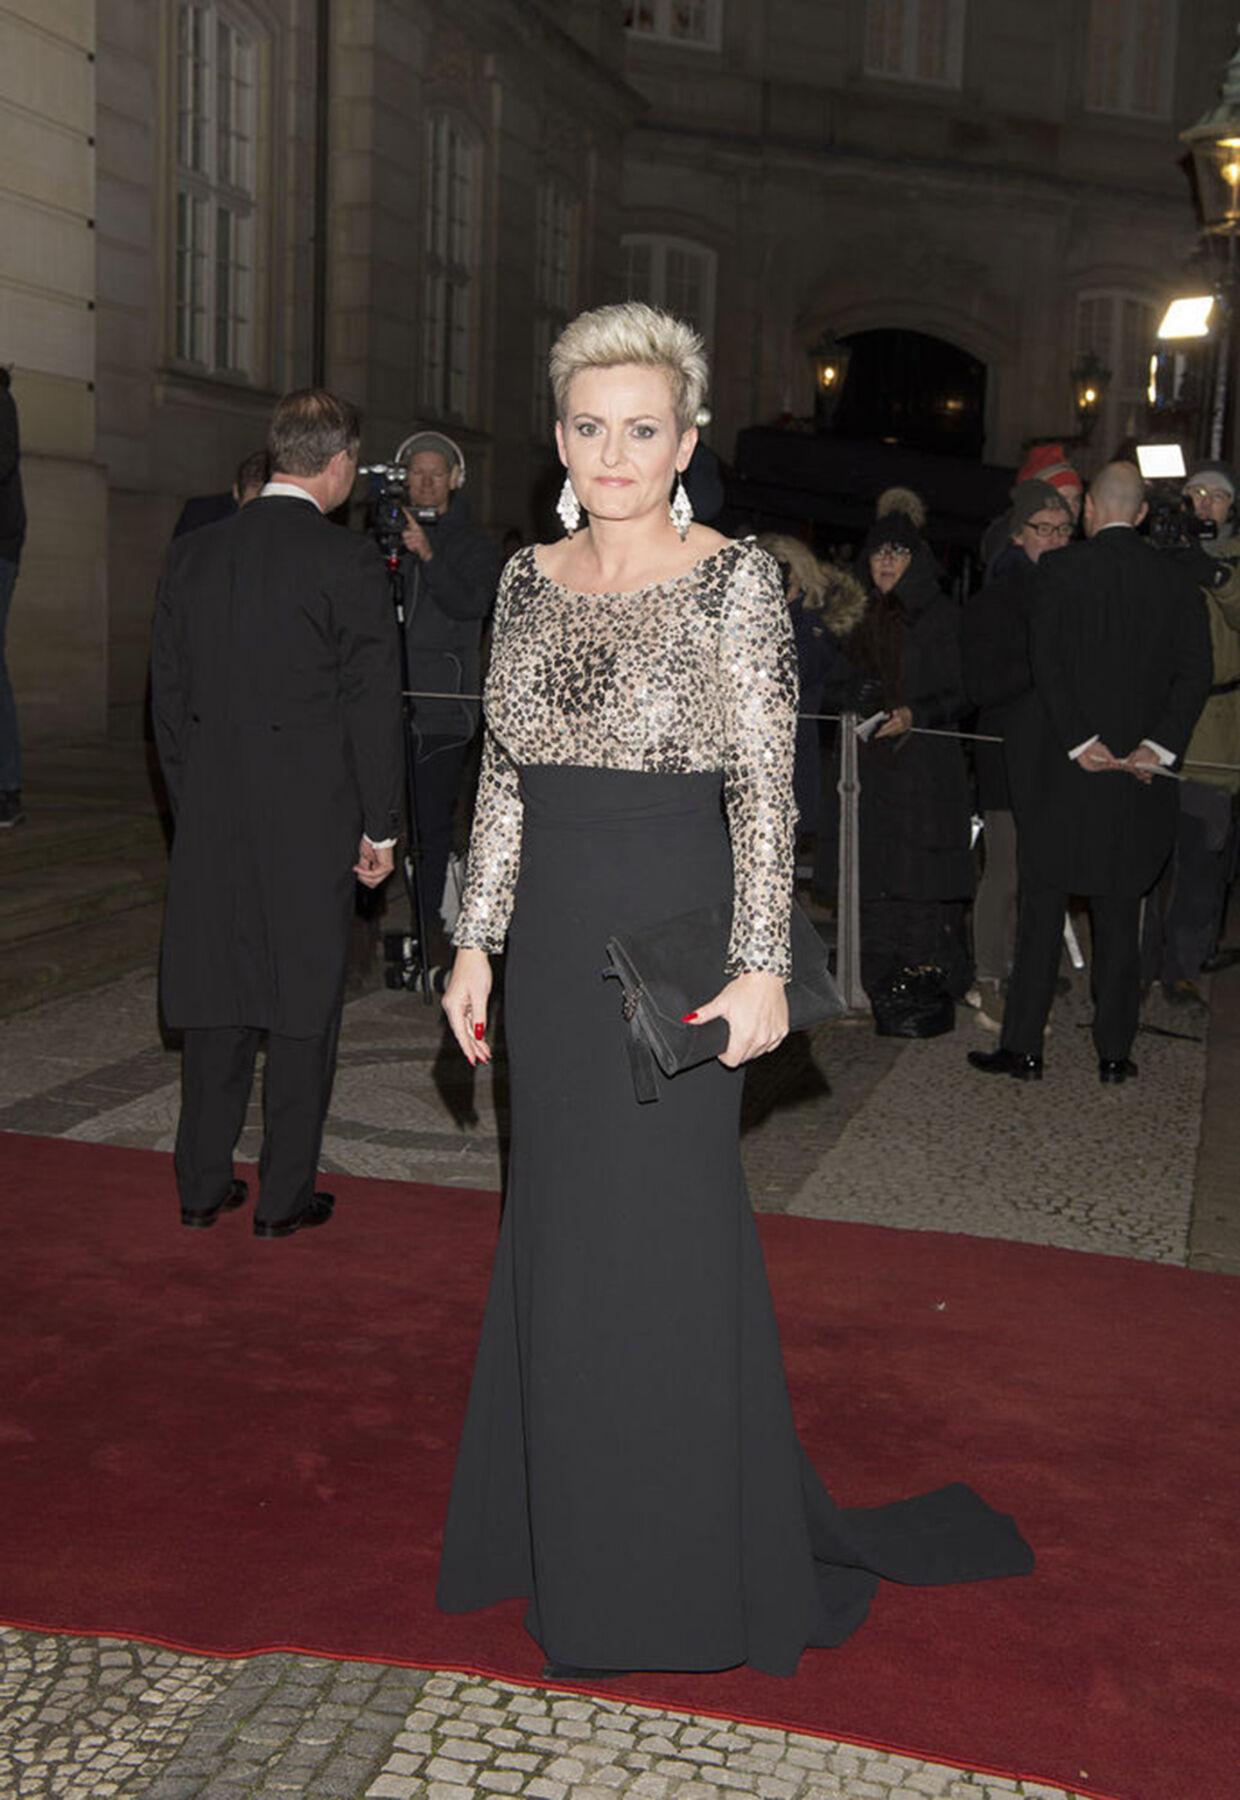 Йеспер Ховринг также сделал это платье, которое надела министр образования Пернилле Розенкранц-Тейл на новогоднем празднике 2020 года.